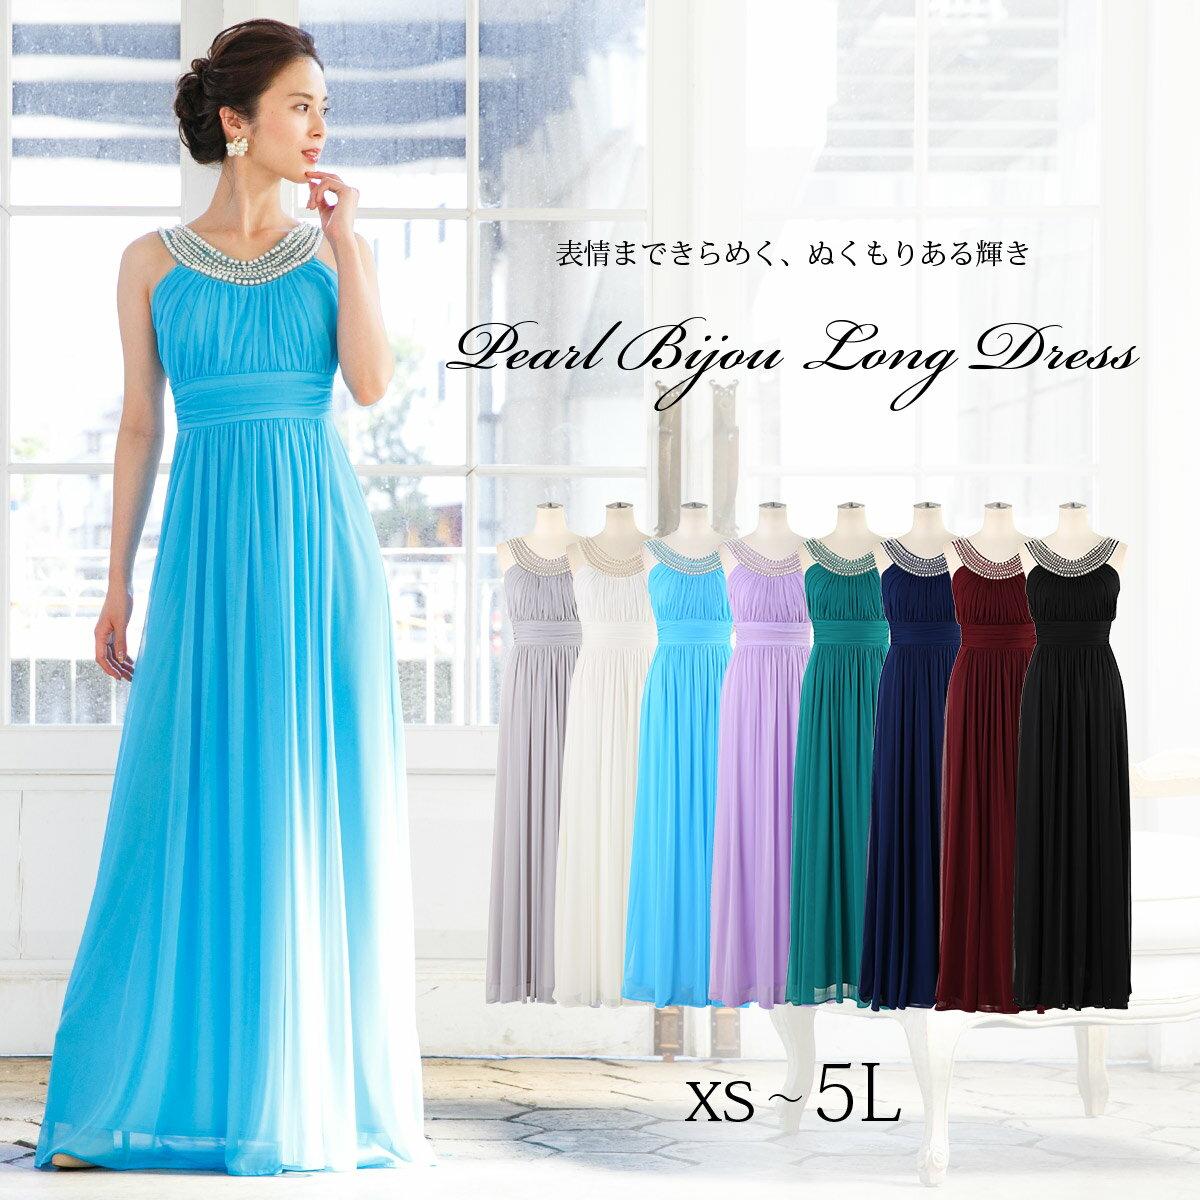 ぬくもりある輝き 気品と透明感を印象付ける パールビジューロングドレス <結婚式 演奏会 発表会 ステージドレス 大きいサイズ 二次会 花嫁 ドレス ホワイト 白 ウエディング> FD-070145